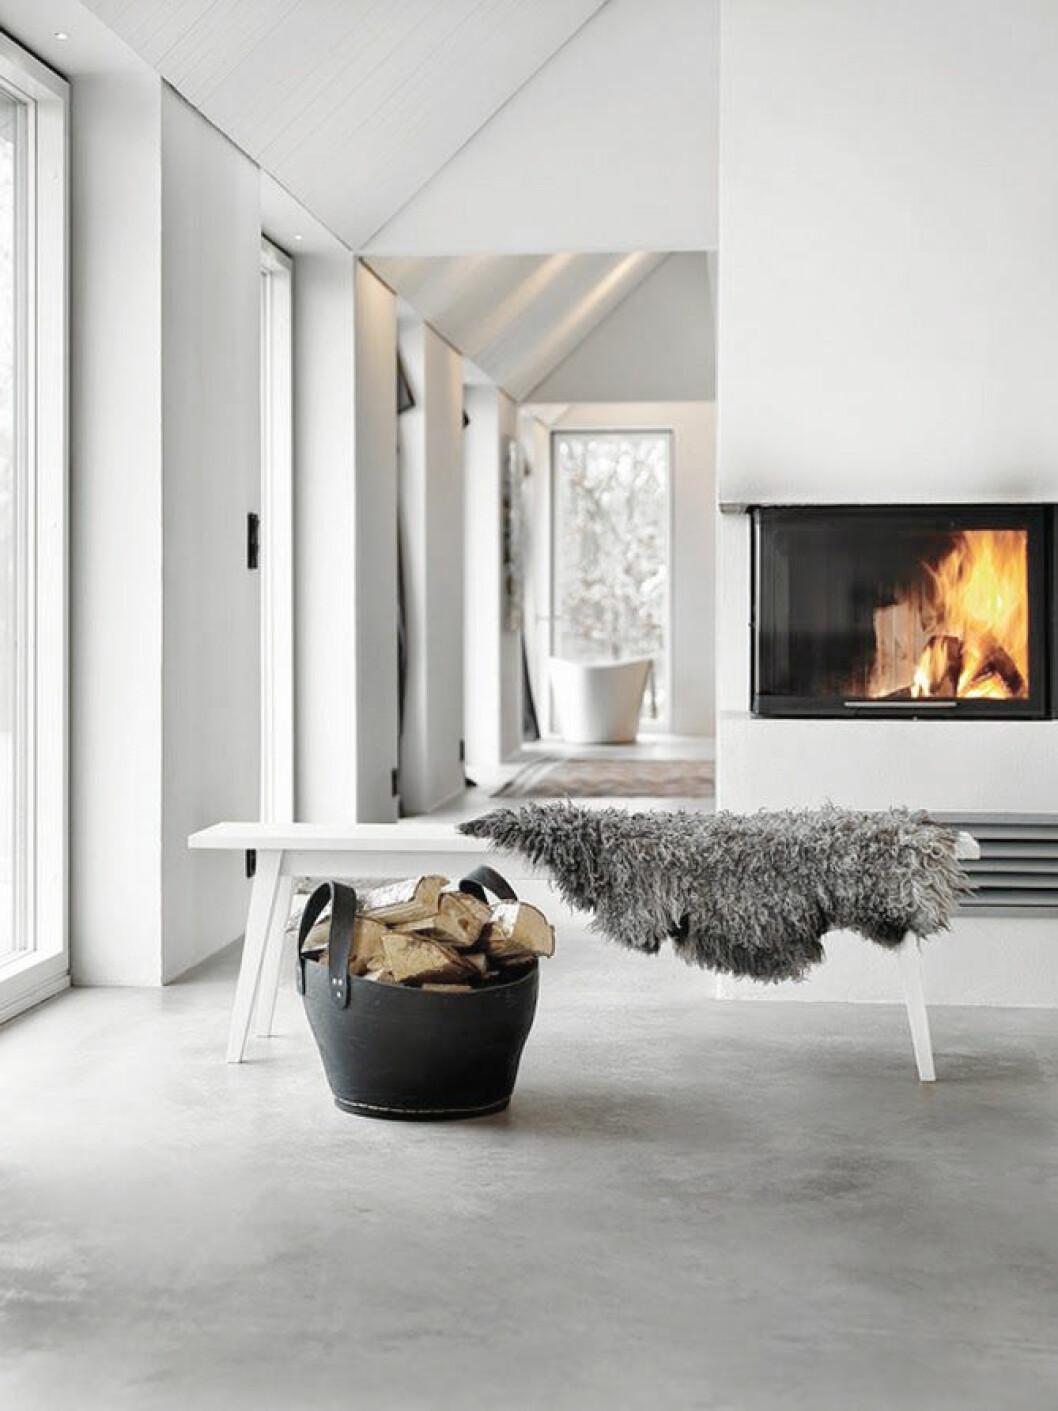 Braskamin i ett stilrent vardagsrum i vitt